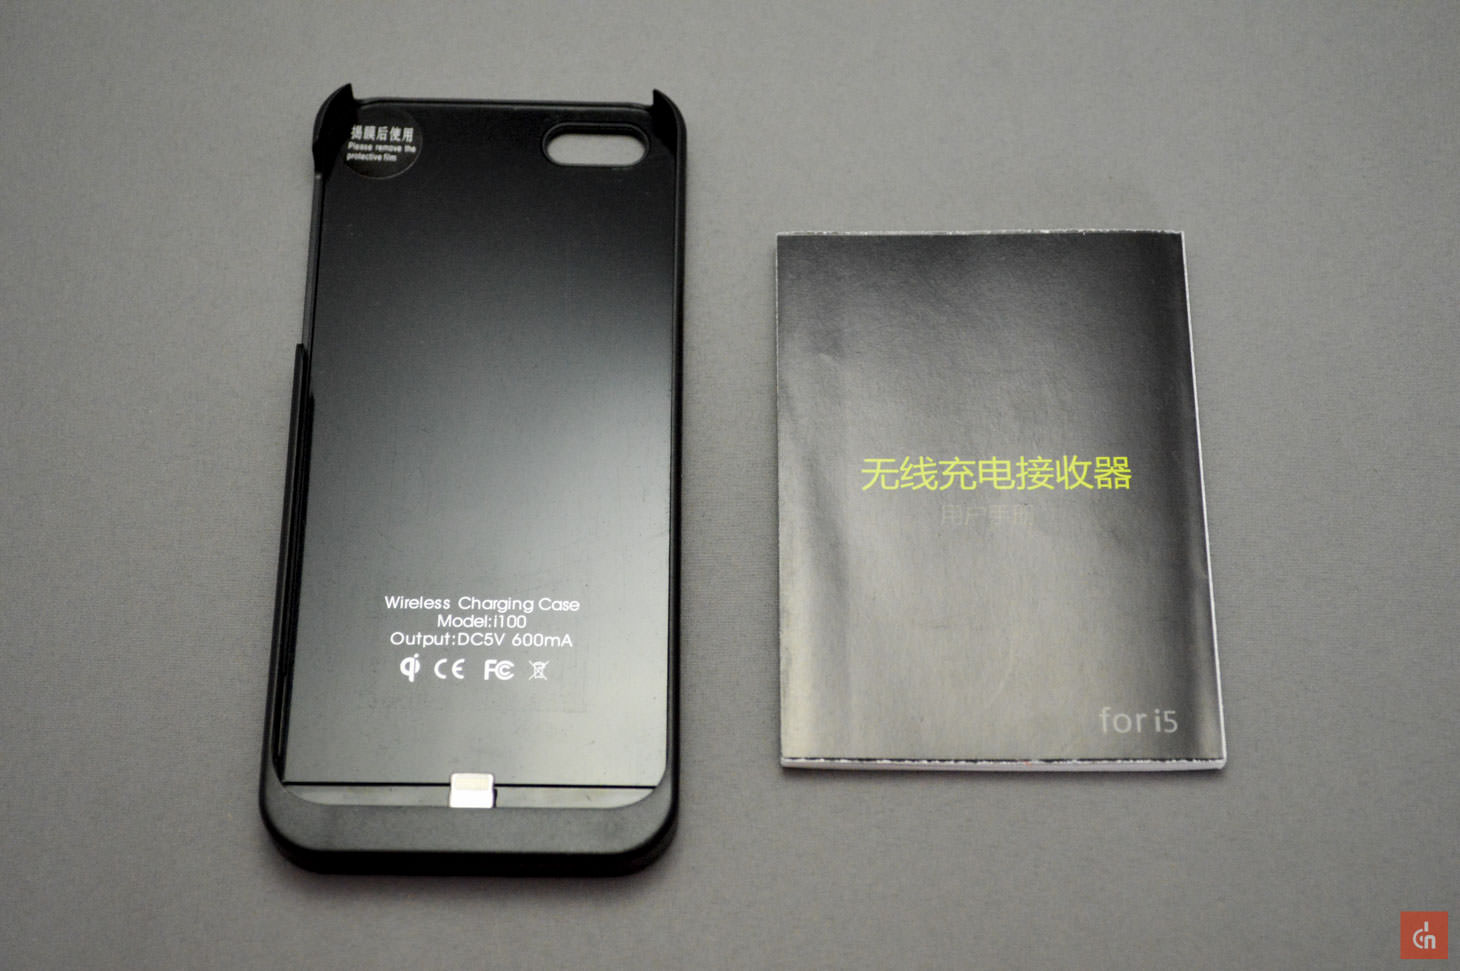 004_20160319_chotech-iphone5-qi